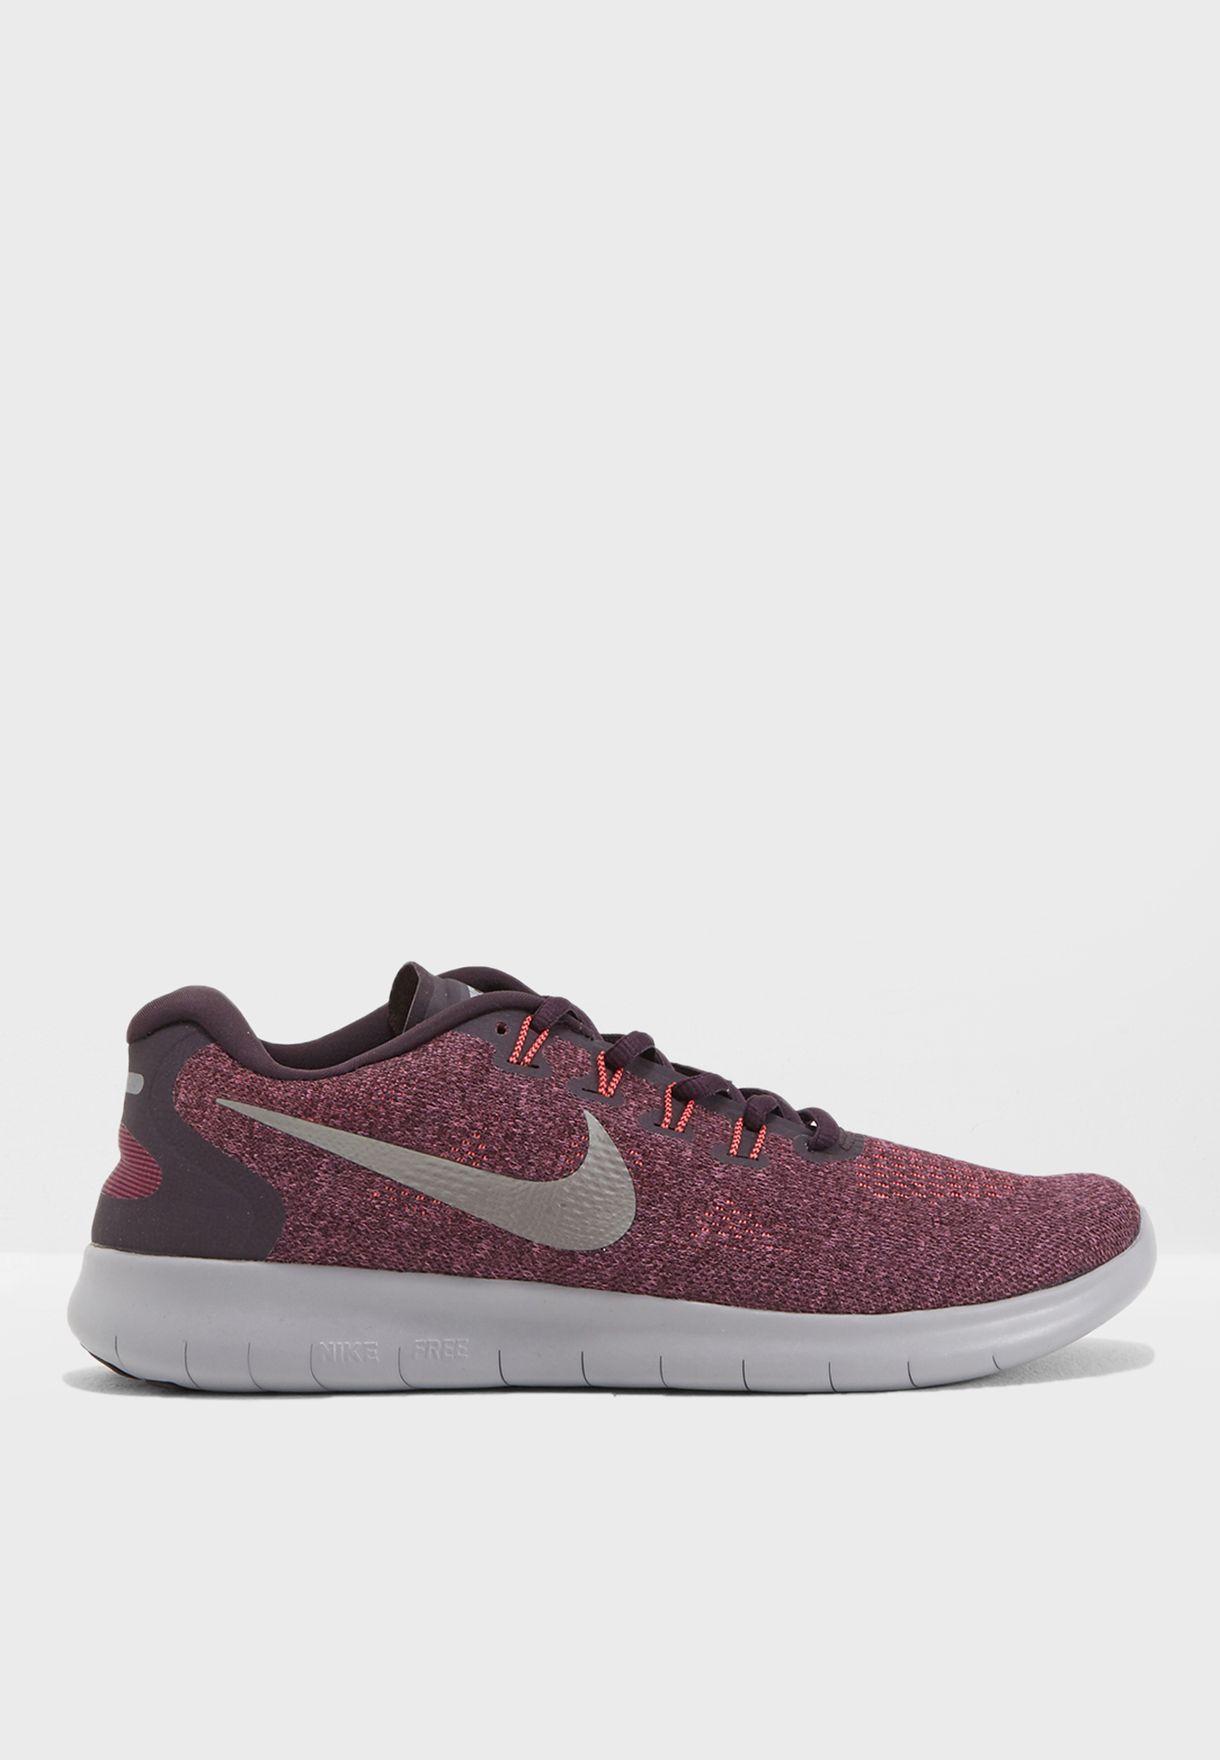 c0faa08960ef2 Shop Nike purple Free RN 2017 880840-603 for Women in Saudi ...